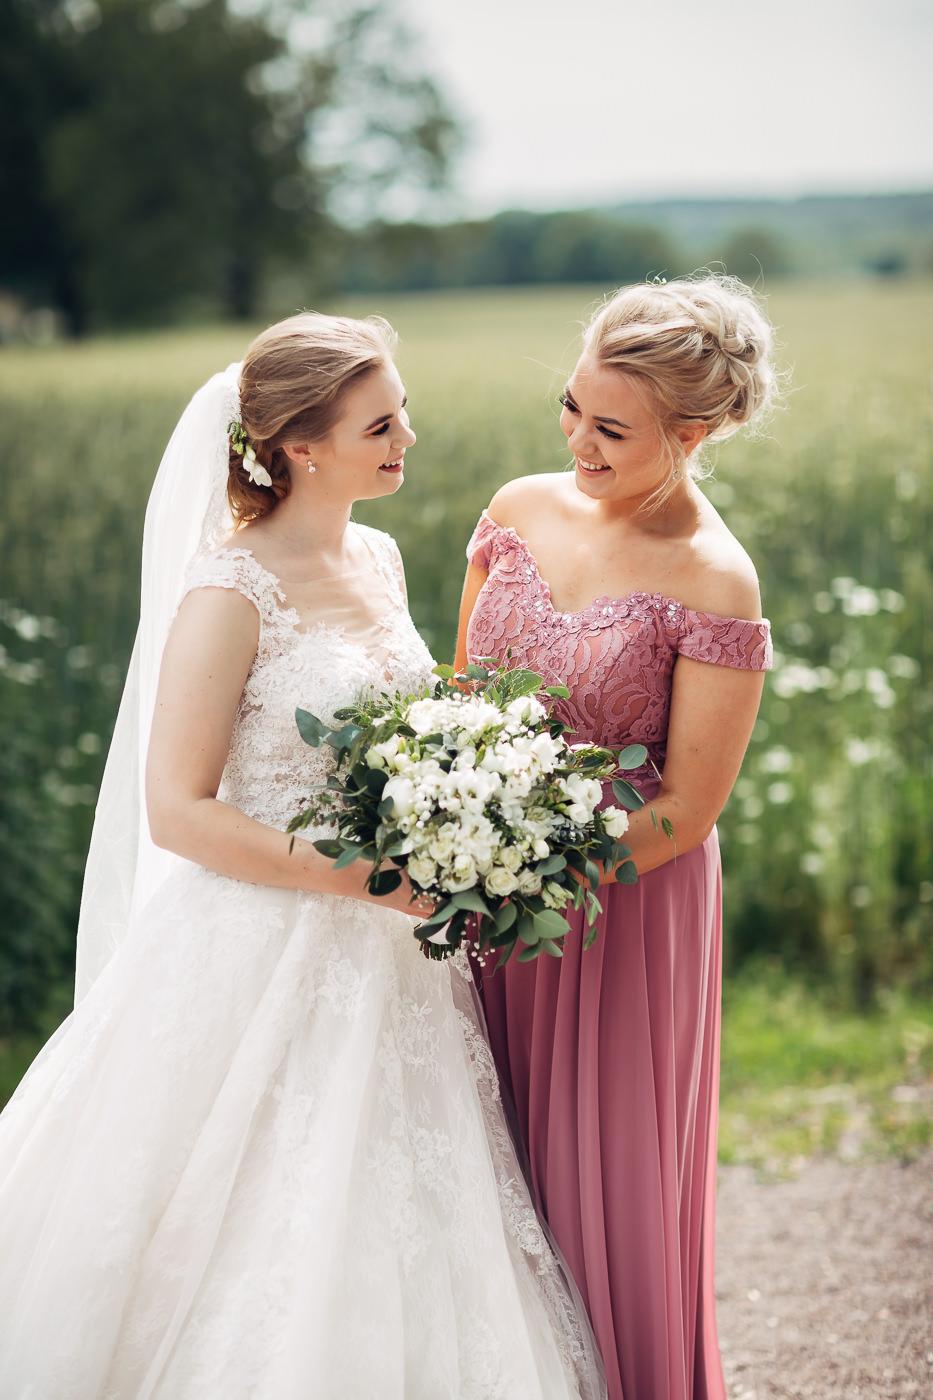 Marte & Mathias - heldagsfotografering i Horten med magisk avslutning Bryllup Dal Gjestegard Horten Vestfold 25